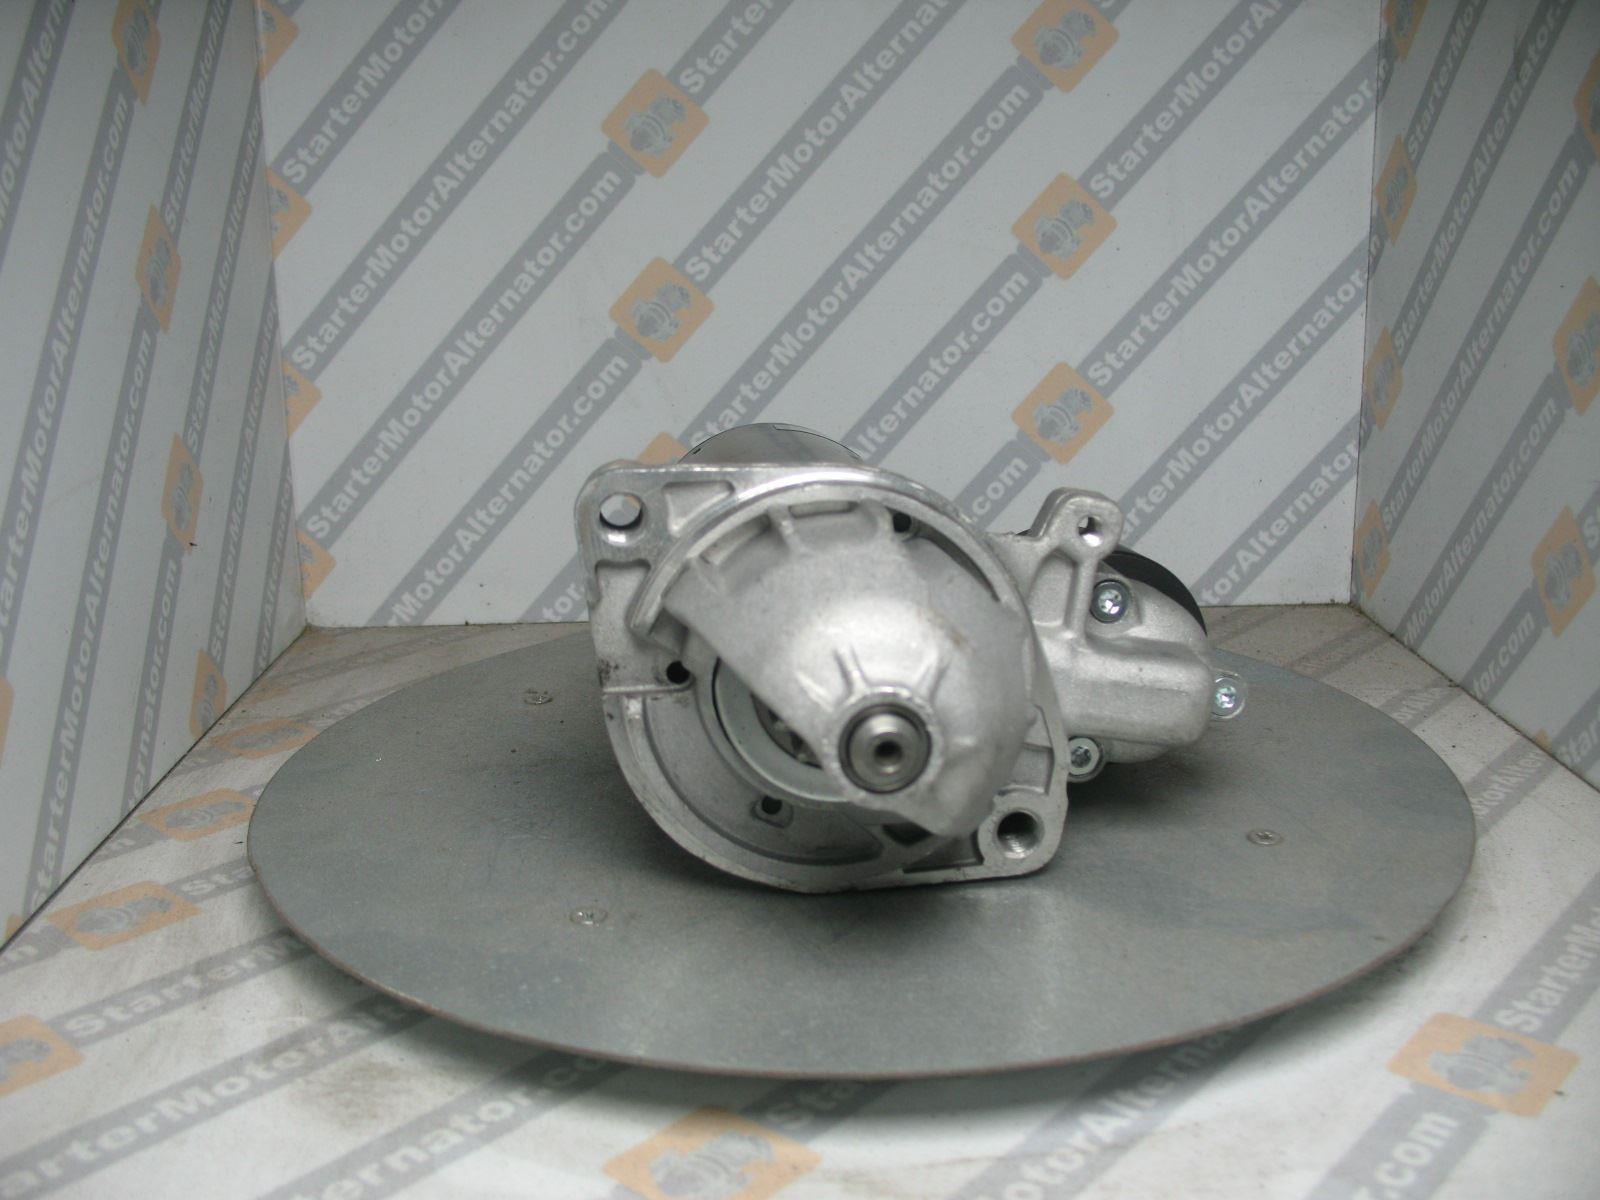 XIU1410 Starter Motor For Mercedes Benz